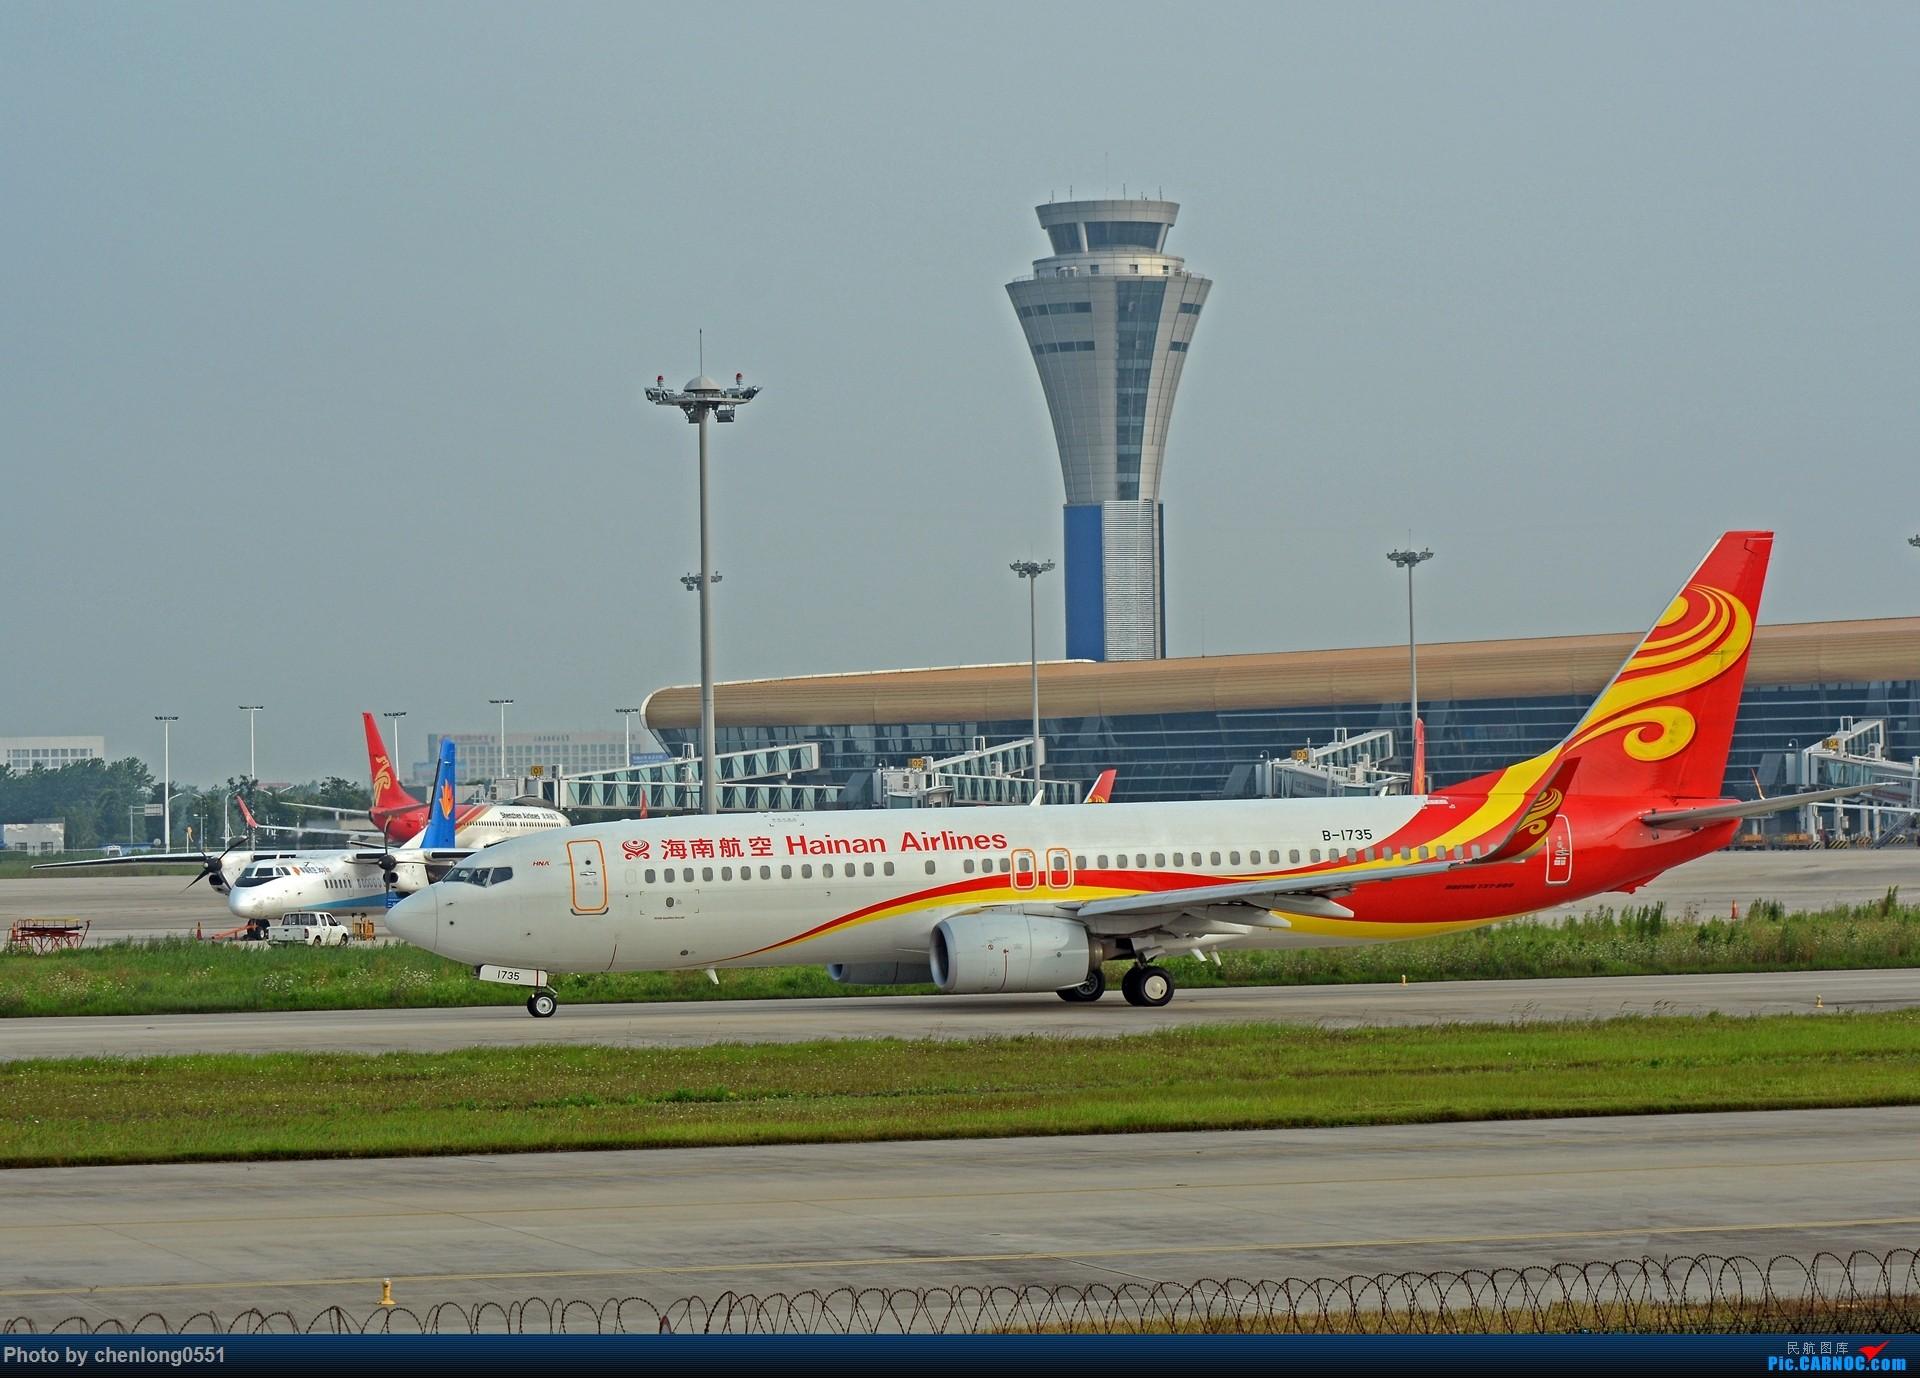 Re:[原创]【合肥飞友会】不经意的一次拍机解决了不少有无 BOEING 737-800 B-1735 中国合肥新桥国际机场